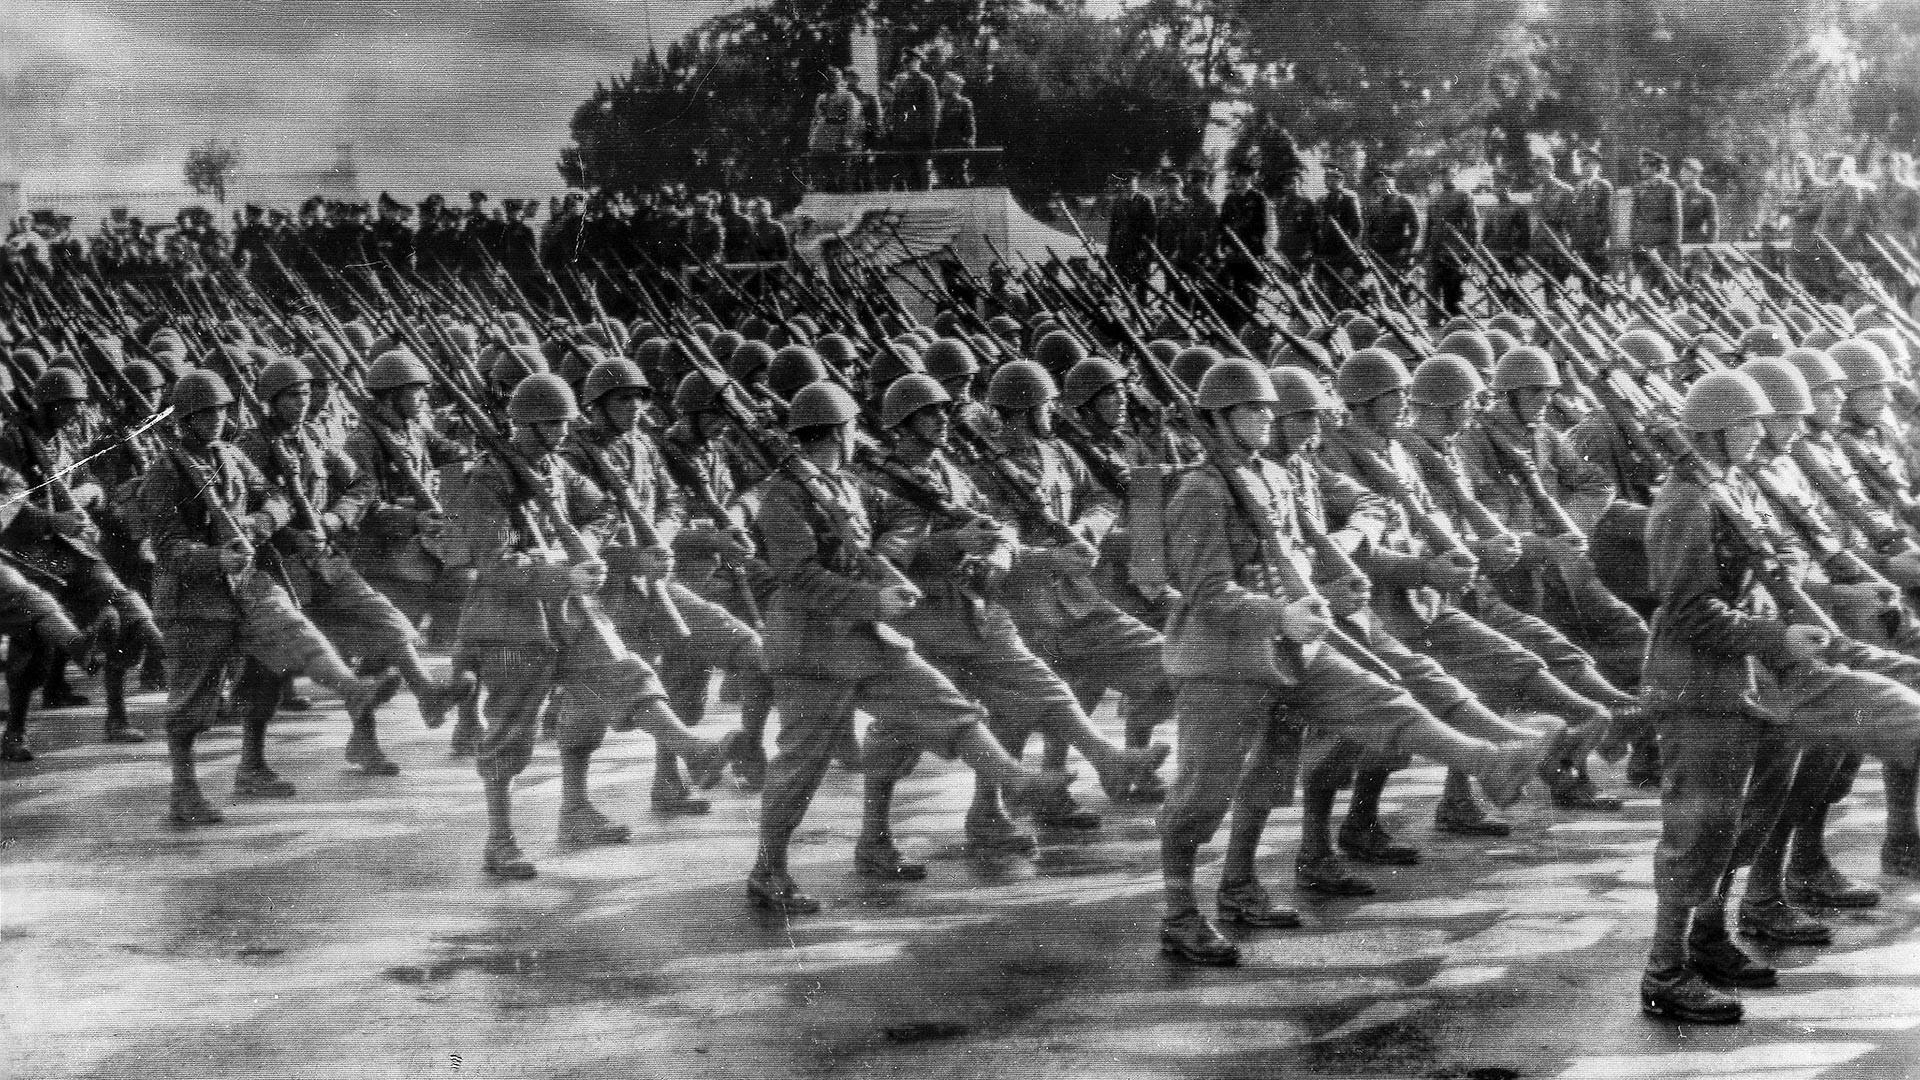 Défilé de soldats du corps expéditionnaire devant Mussolini et l'attaché militaire allemand à Rome, début juillet 1941